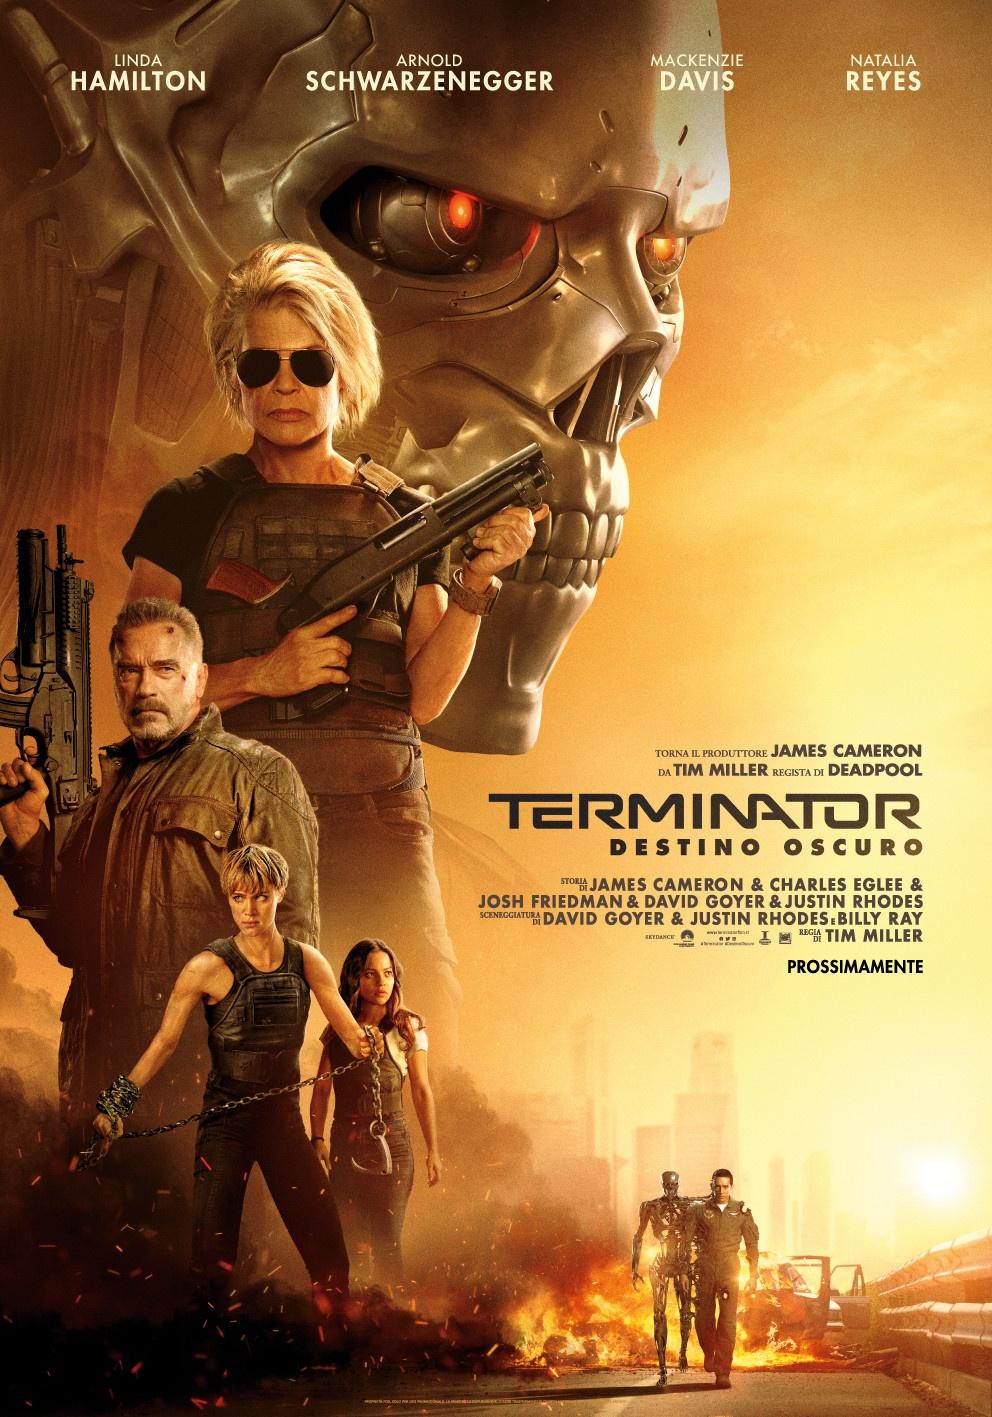 Terminator: Destino Oscuro - Il Poster